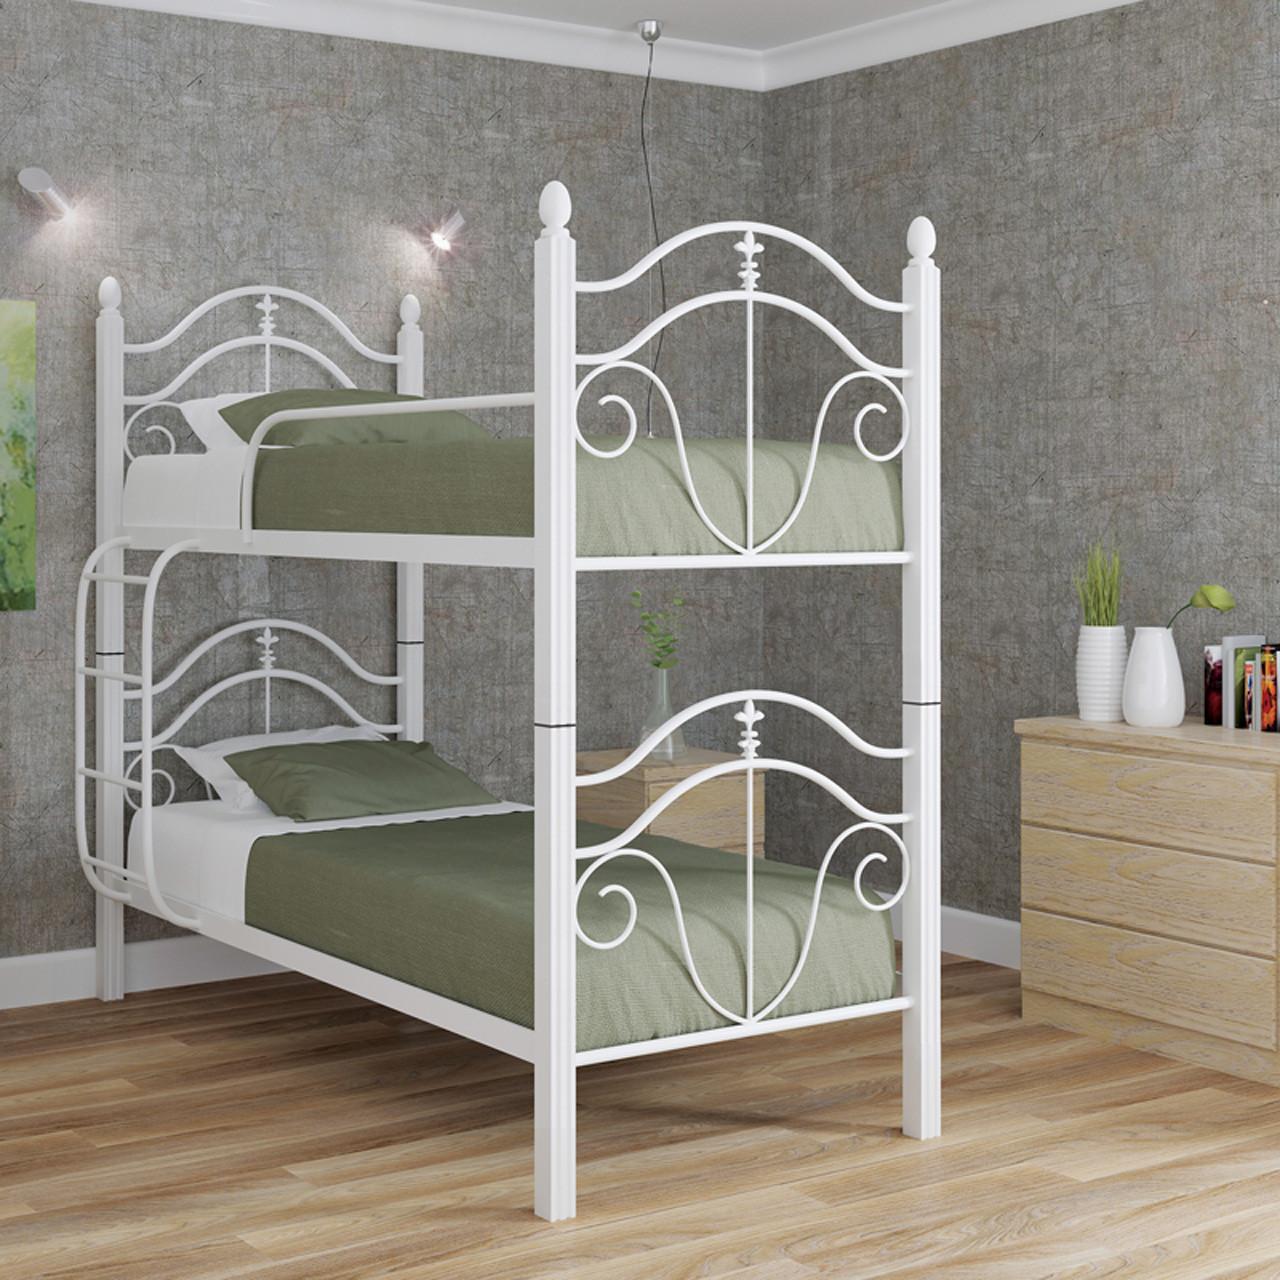 Ліжко металеве двох'ярусне Діана на дерев'яних ніжках (трансформер)